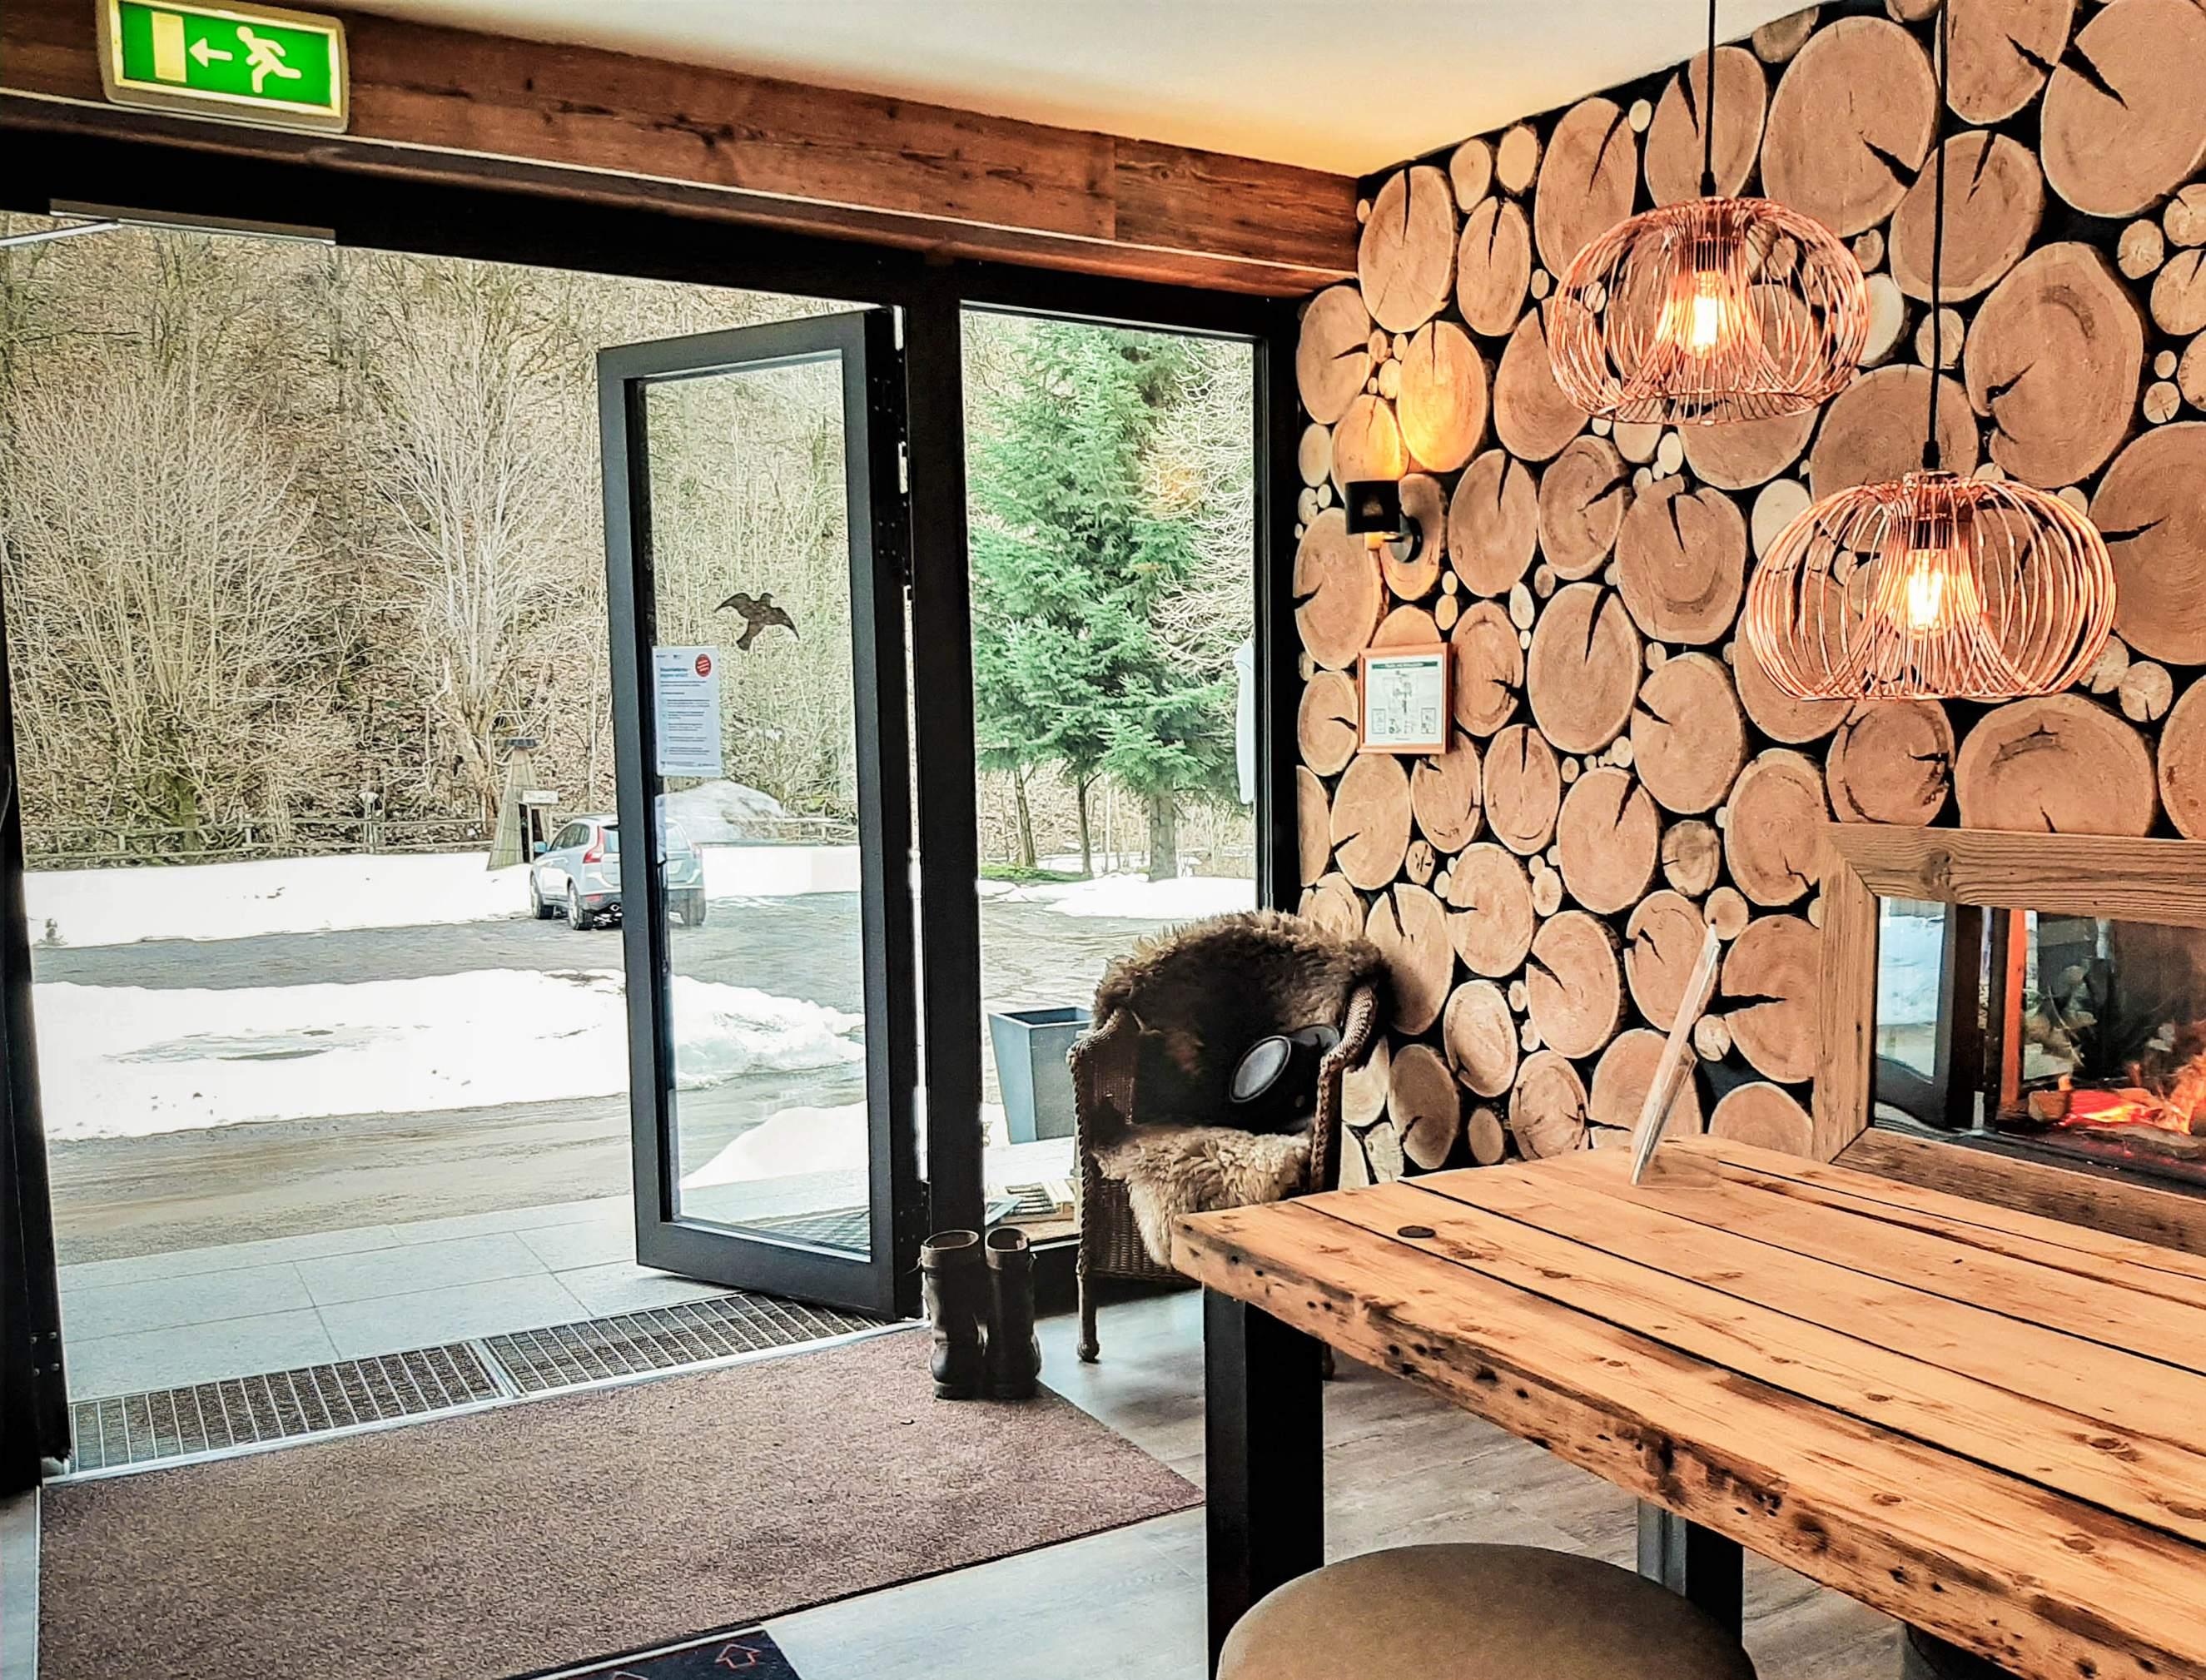 Harzhotel Haus Iris in Herzberg OT Sieber - Eingang